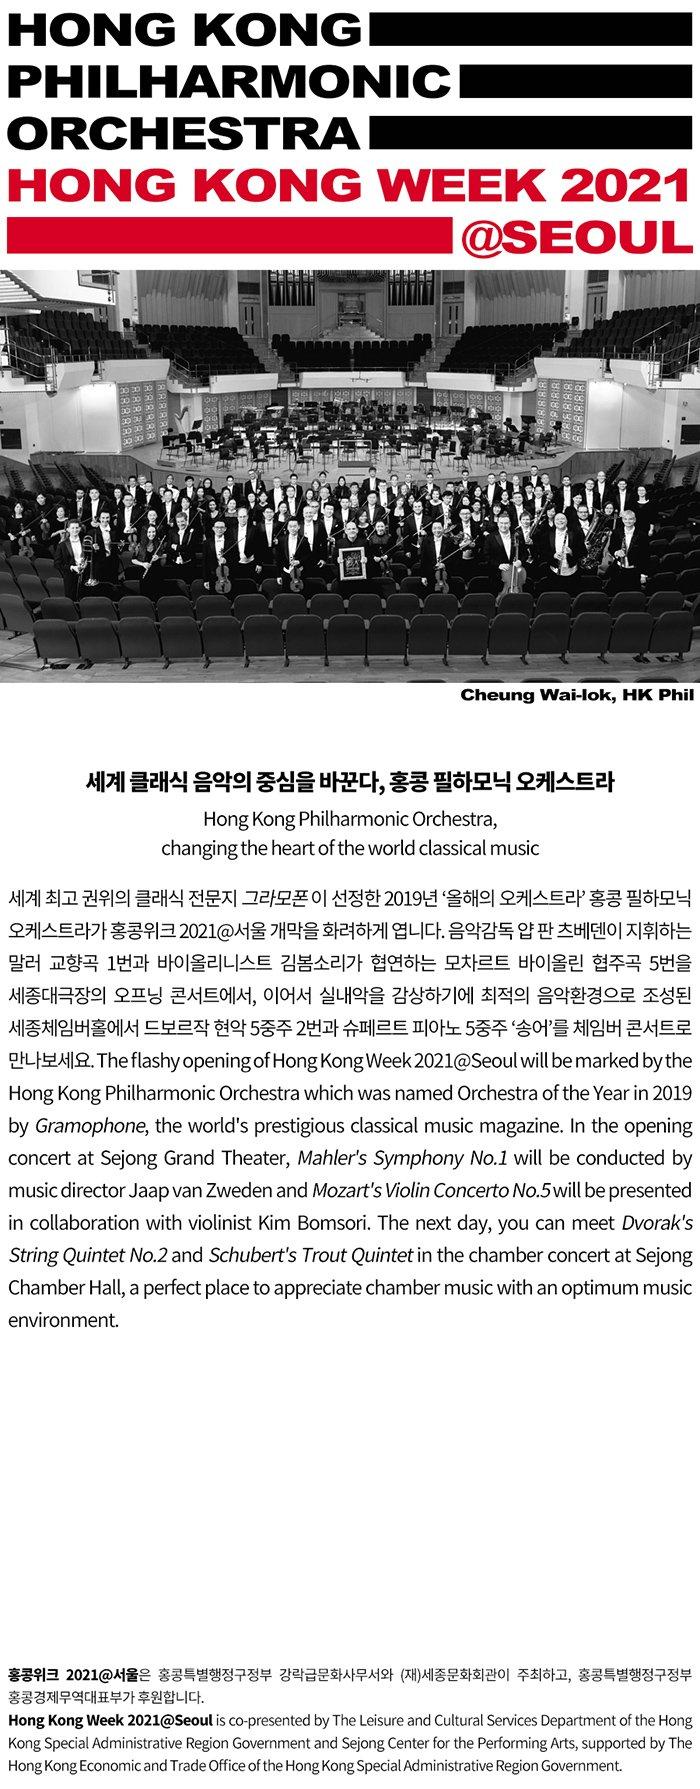 홍콩 필하모닉 오케스트라 `체임버 콘서트` Chamber concert by Hong Kong Philharmonic Orchestra  세계 클래식 음악의 중심을 바꾼다, 홍콩 필하모닉 오케스트라 Hong Kong Philharmonic Orchestra, changing the heart of the world classical music ㅡ 세계 최고 권위의 클래식 전문지 그라모폰이 선정한 2019년 '올해의 오케스트라' 홍콩 필하모닉 오케스트라가 홍콩위크 2021 개막을 화려하게 엽니다. 음악감독 얍 판 츠베덴이 지휘하는 말러 교향곡 1번과 바이올리니스트 김봄소리가 협연하는 모차르트 바이올린 협주곡 5번을 세종대극장의 오프닝 콘서트에서, 이어서 실내악을 감상하기에 최적의 음악환경으로 조성된 세종체임버홀에서 드보르작 현악 5중주 2번과 슈페르트 피아노 5중주 '송어'를 체임버 콘서트로 만나보세요. The flashy opening of Hong Kong Week 2021@Seoul will be marked by the Hong Kong Philharmonic Orchestra which was named Orchestra of the Year in 2019 by Gramophone, the world's prestigious classical music magazine. In the opening concert at Sejong Grand Theater, Mahler's Symphony No.1 will be conducted by music director Jaap van Zweden and Mozart's Violin Concerto No.5 will be presented in collaboration with violinist Kim Bomsori. The next day, you can meet Dvorak's String Quintet No.2 and Schubert's Trout Quintet in the chamber concert at Sejong Chamber Hall, a perfect place to appreciate chamber music with an optimum music environment.